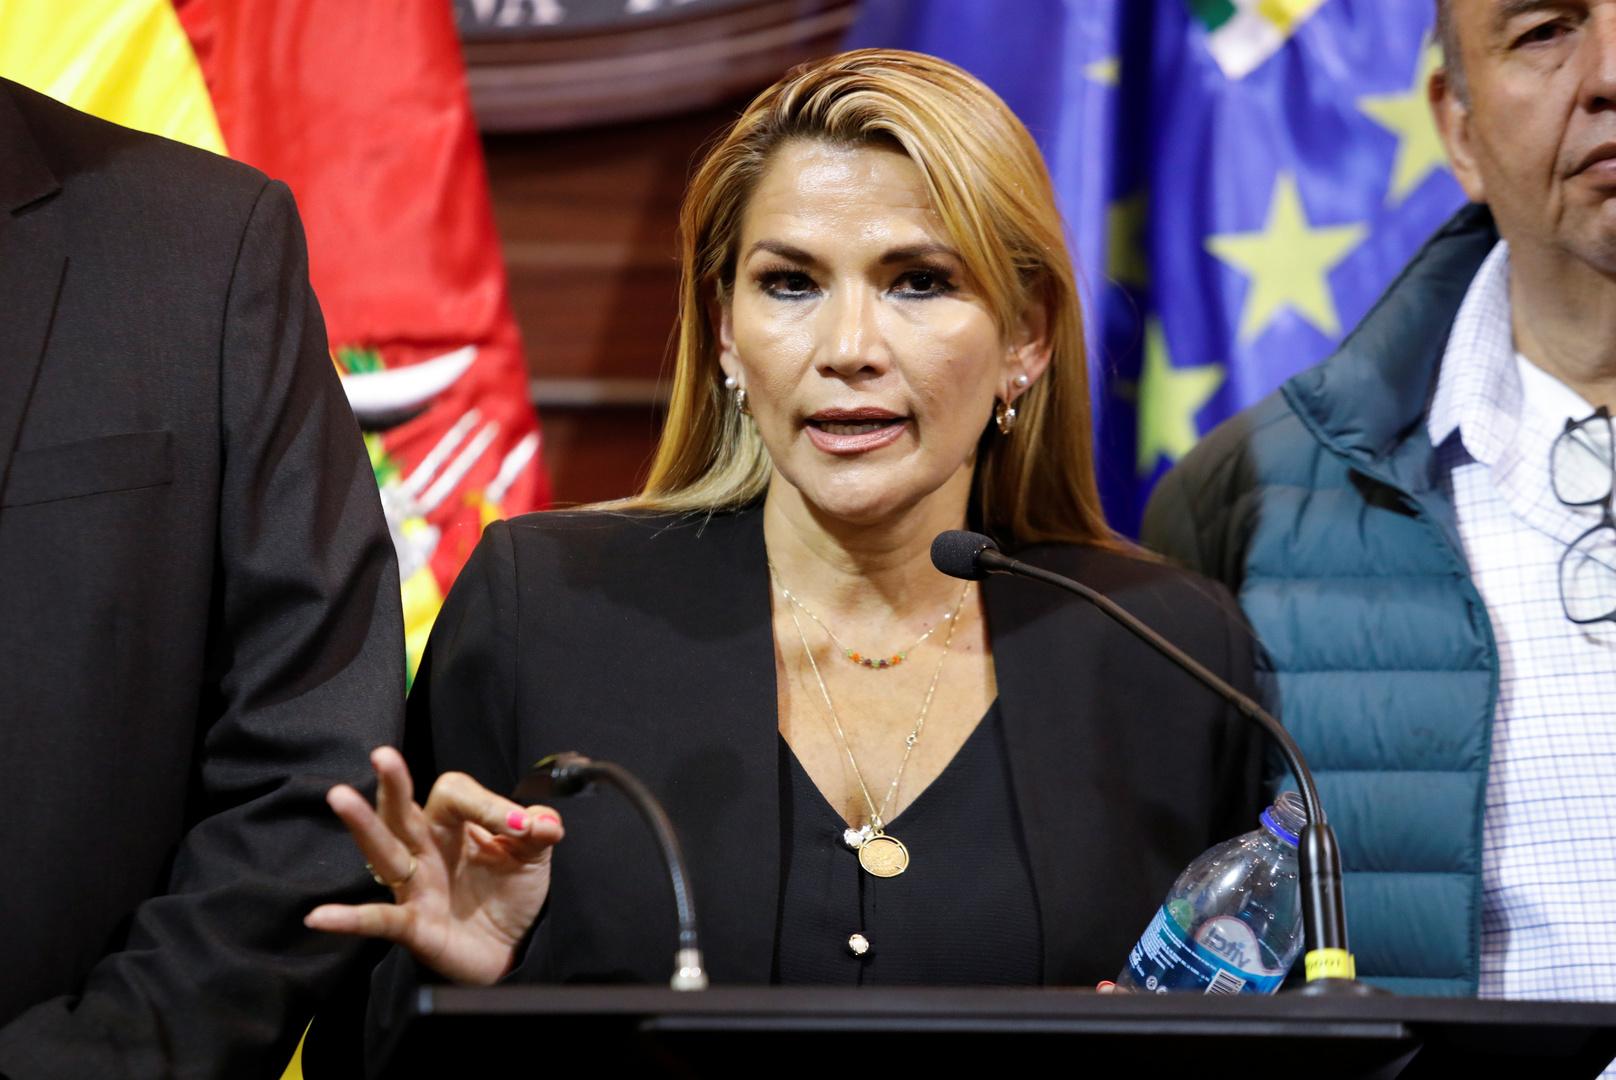 جانين آنيز تعلن نفسها رئيسة انتقالية لبوليفيا.. والمحكمة الدستورية تؤيدها